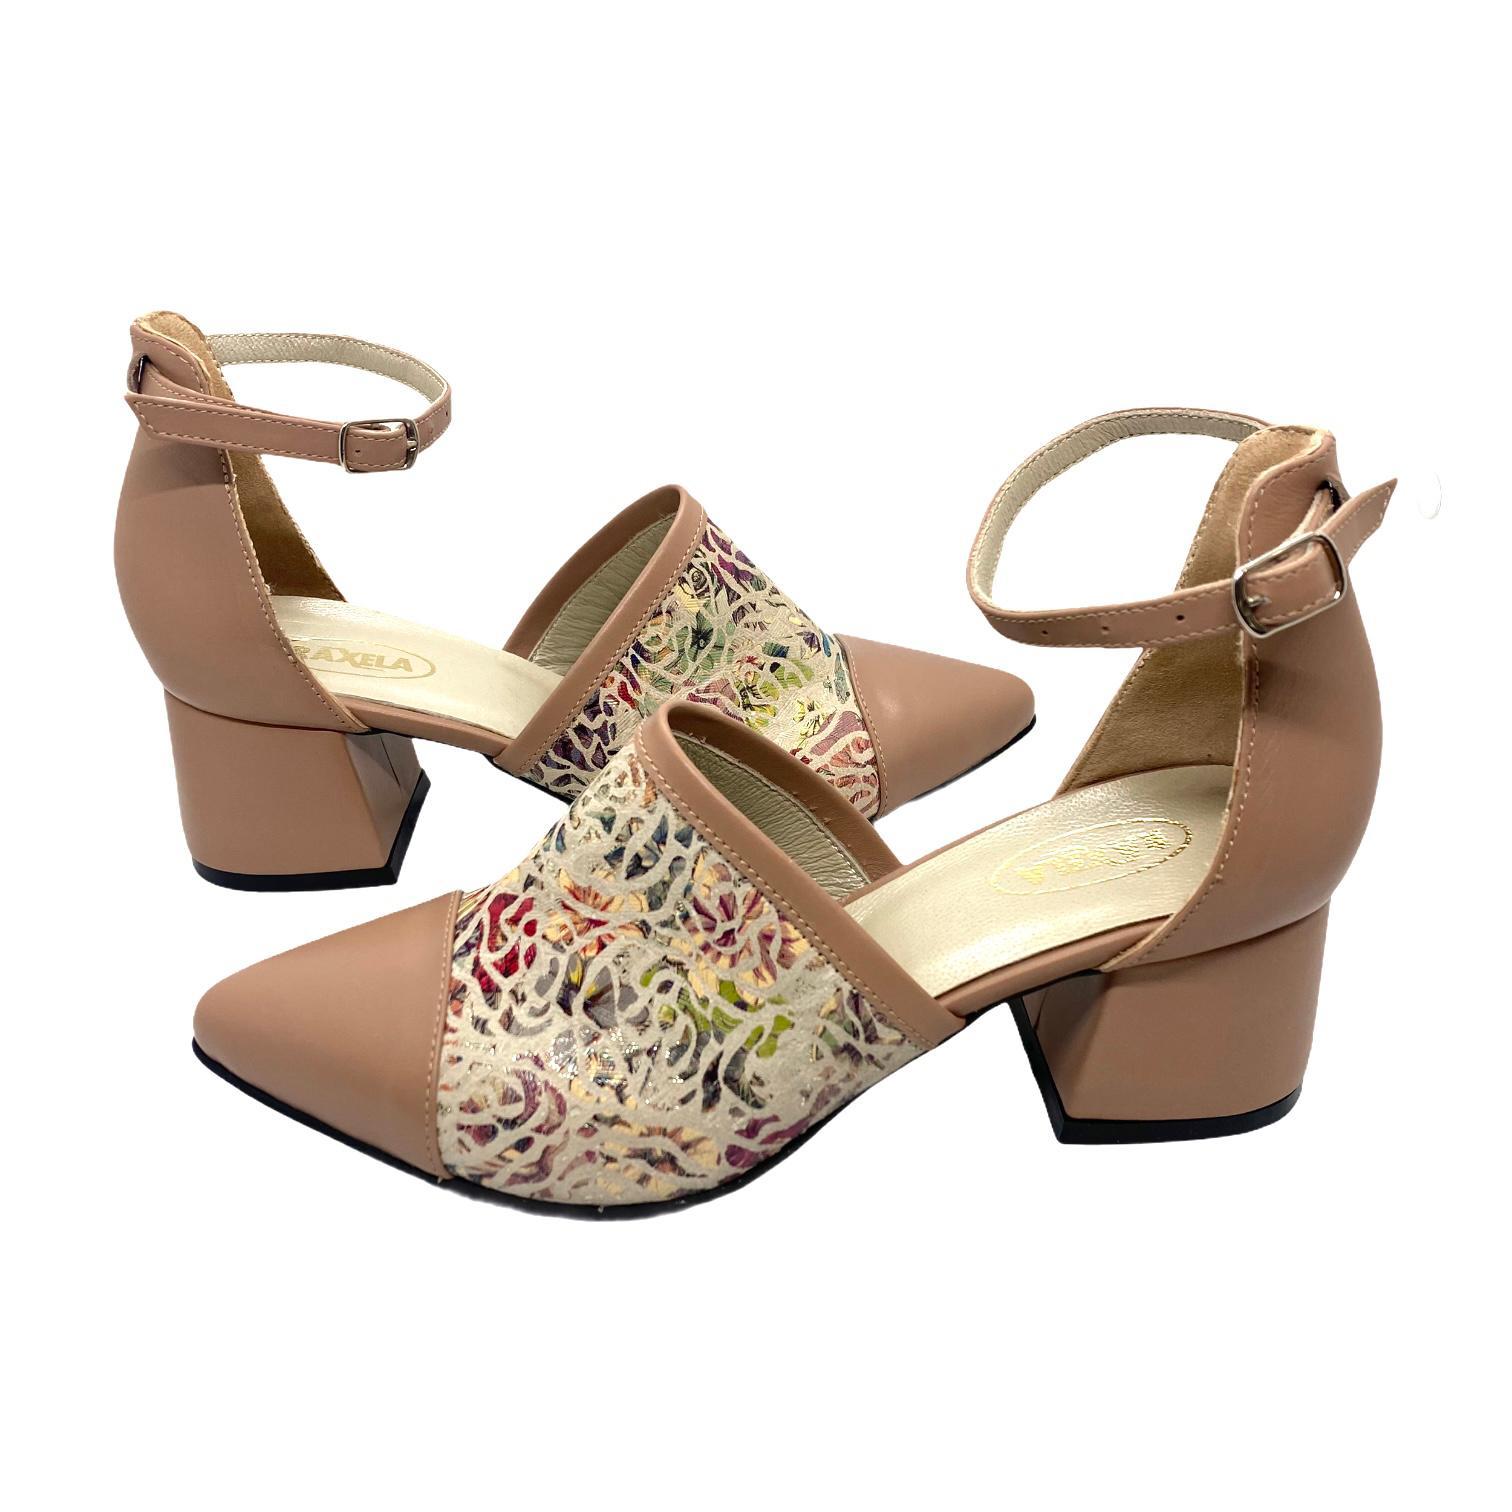 Pantofi decupati nude cu model floral colorat